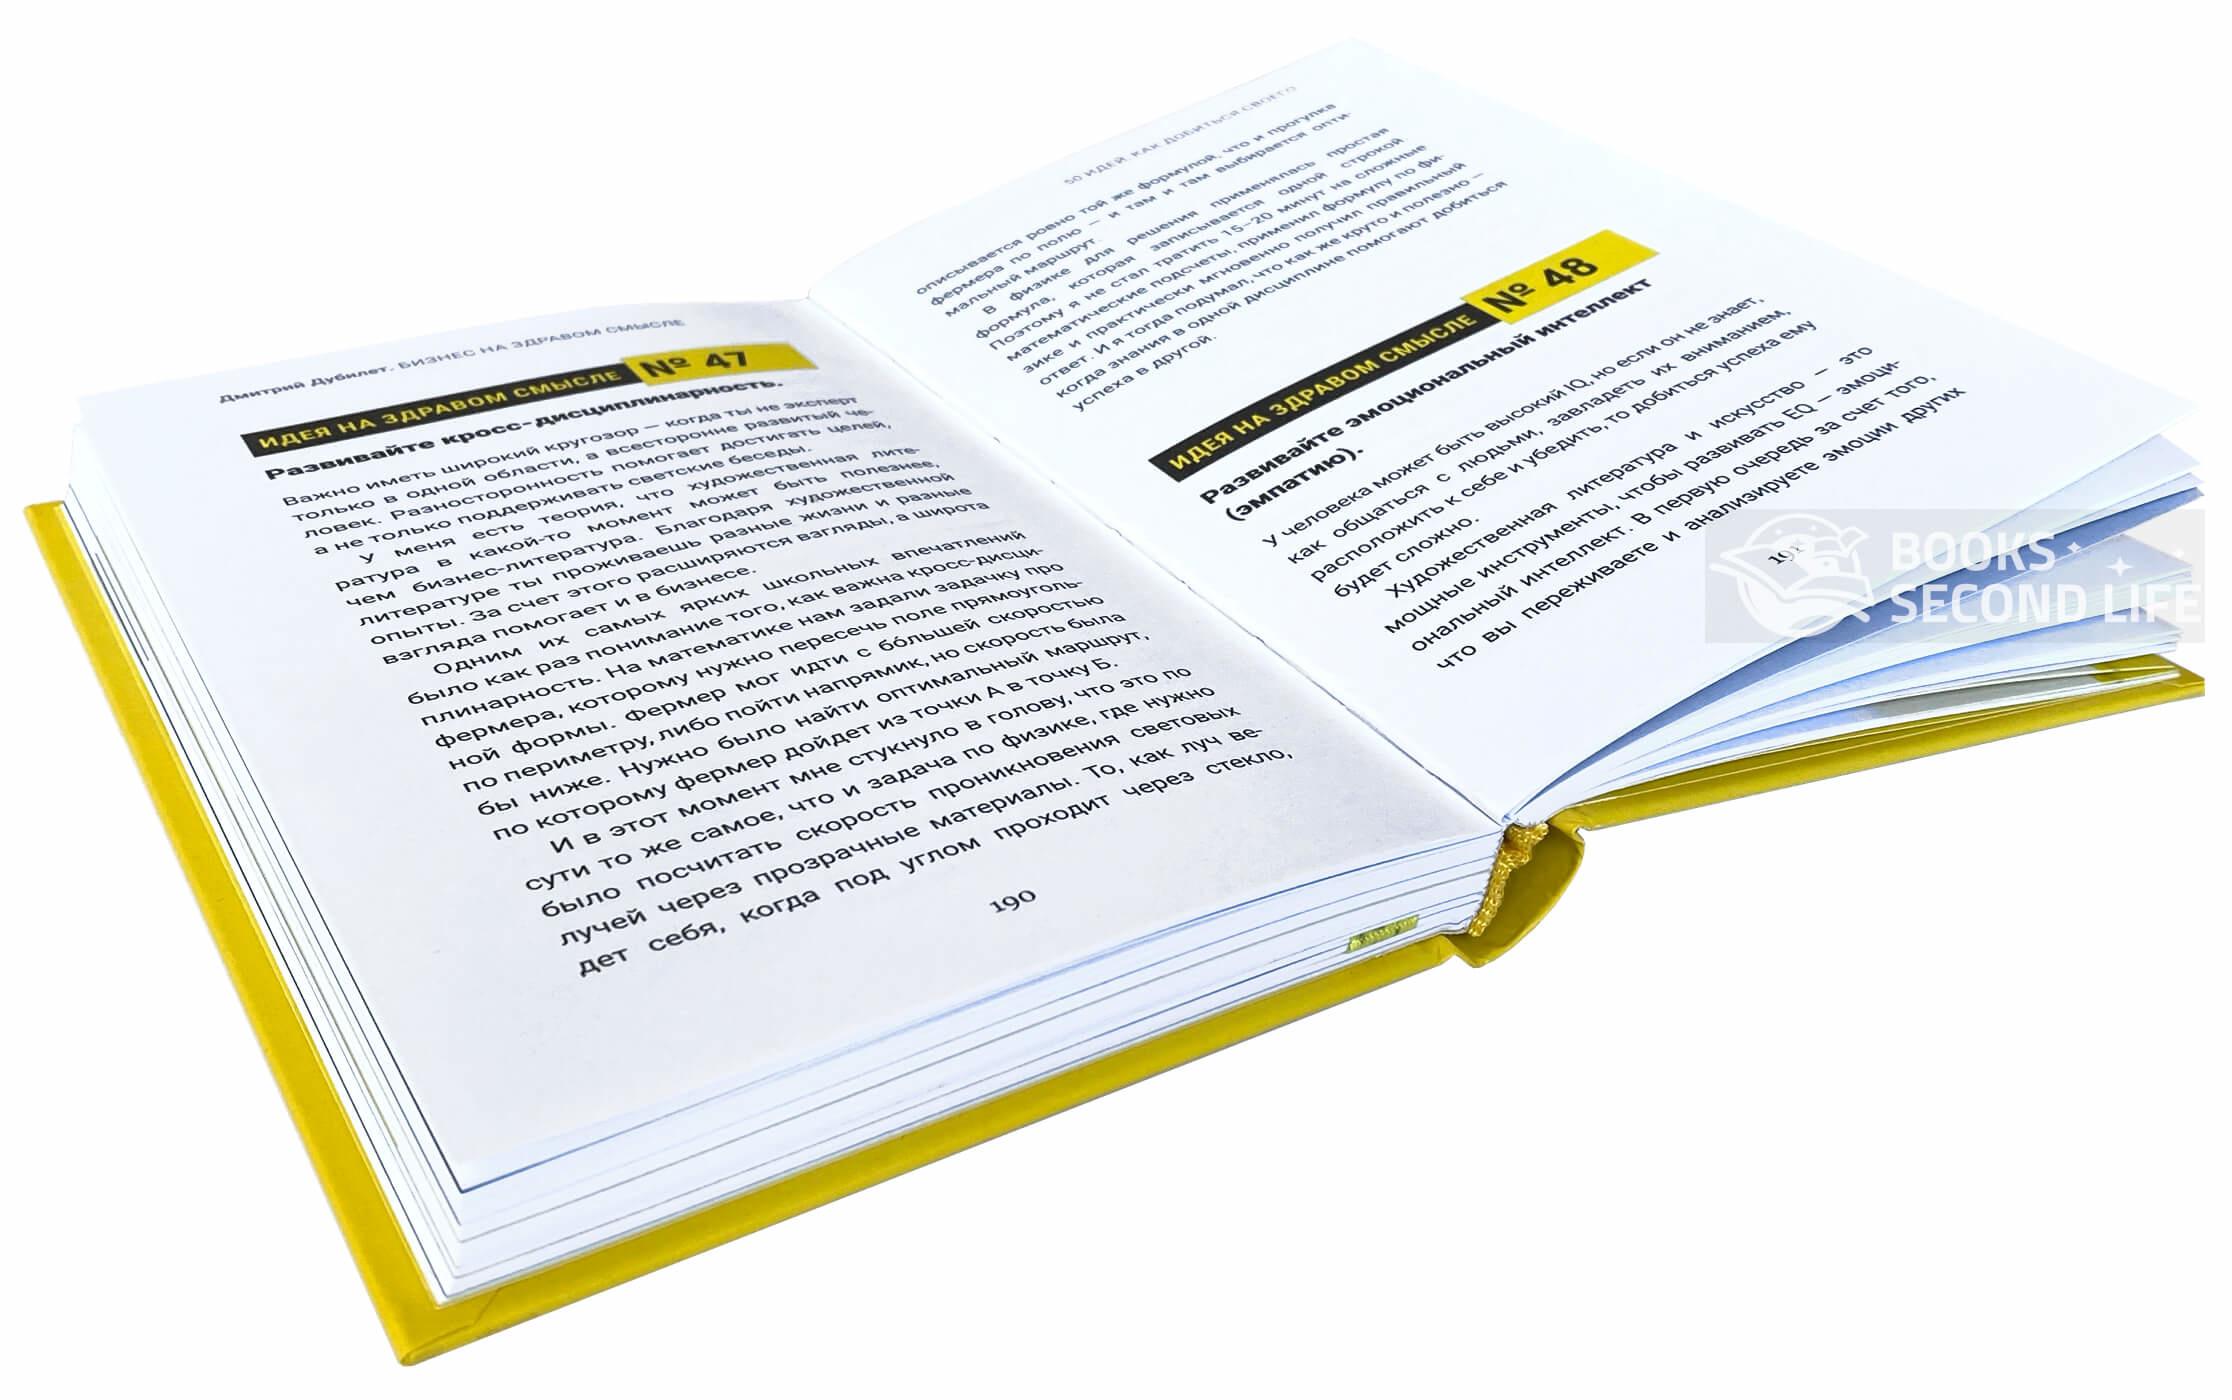 Дмитрий Дубилет. Бизнес на здравом смысле. 50 идей, как добиться своего. Автор — Тимур Ворона. Переплет —